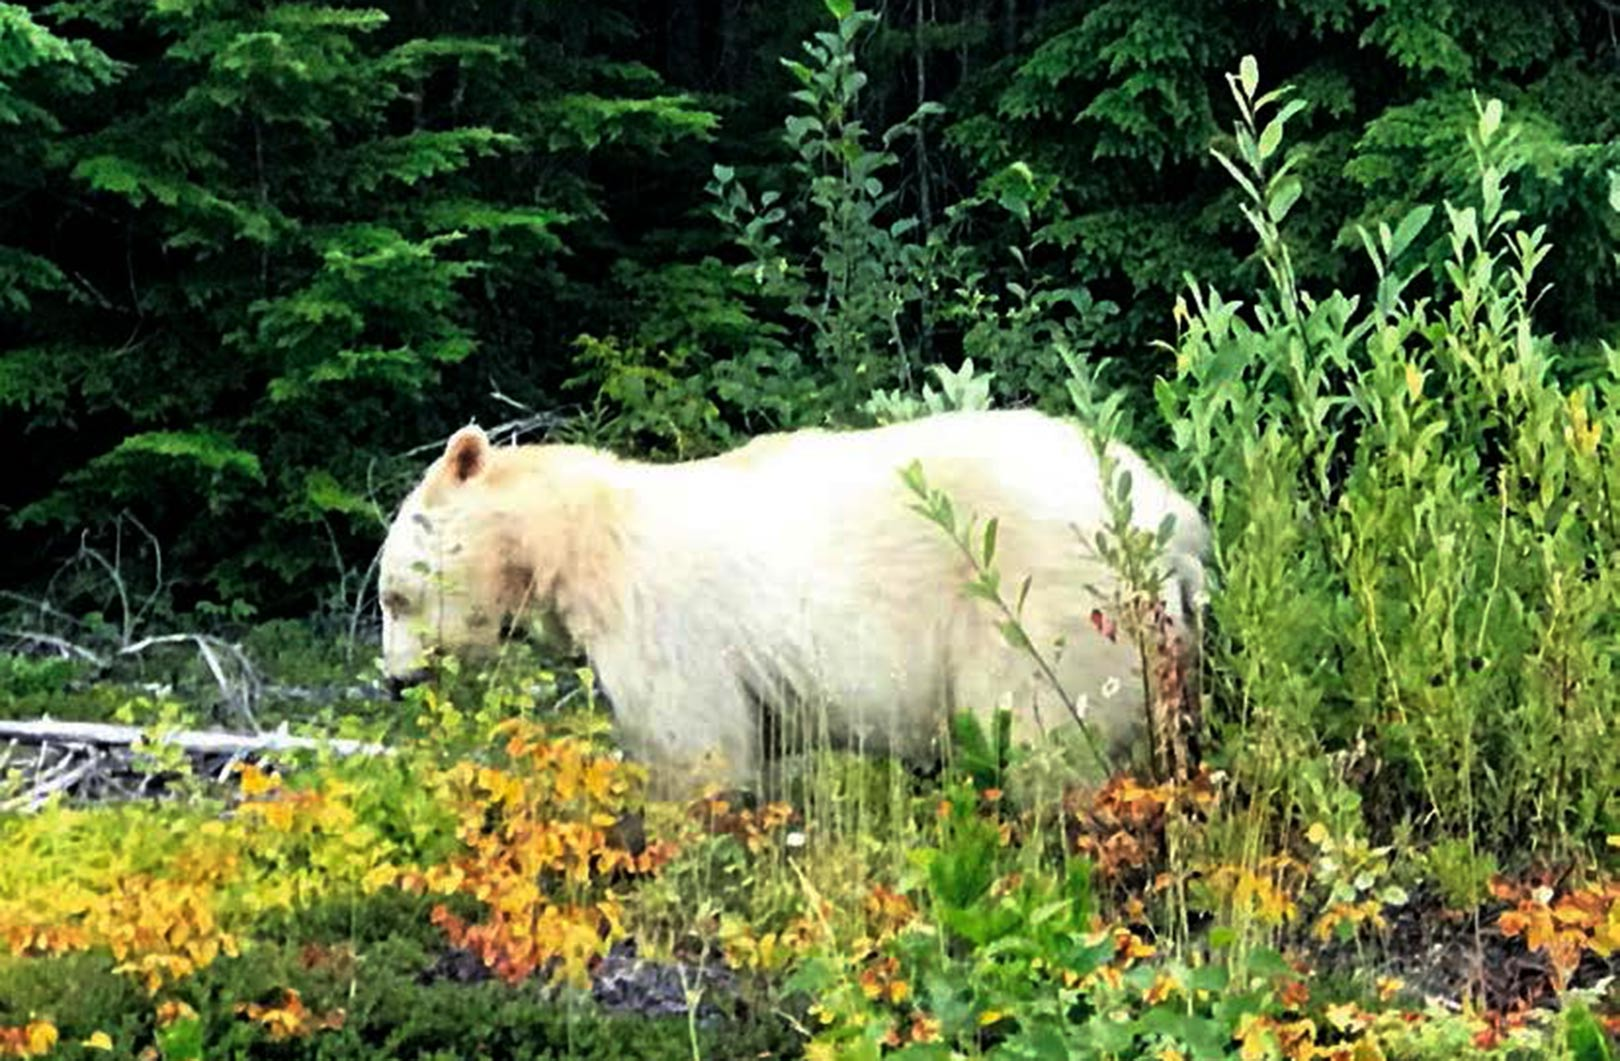 Kermode bjørn er en underart af brund bjærn, som er særlig talrig på øerne i British Columbia. Her er den i fuld færd med at æde blåbær.